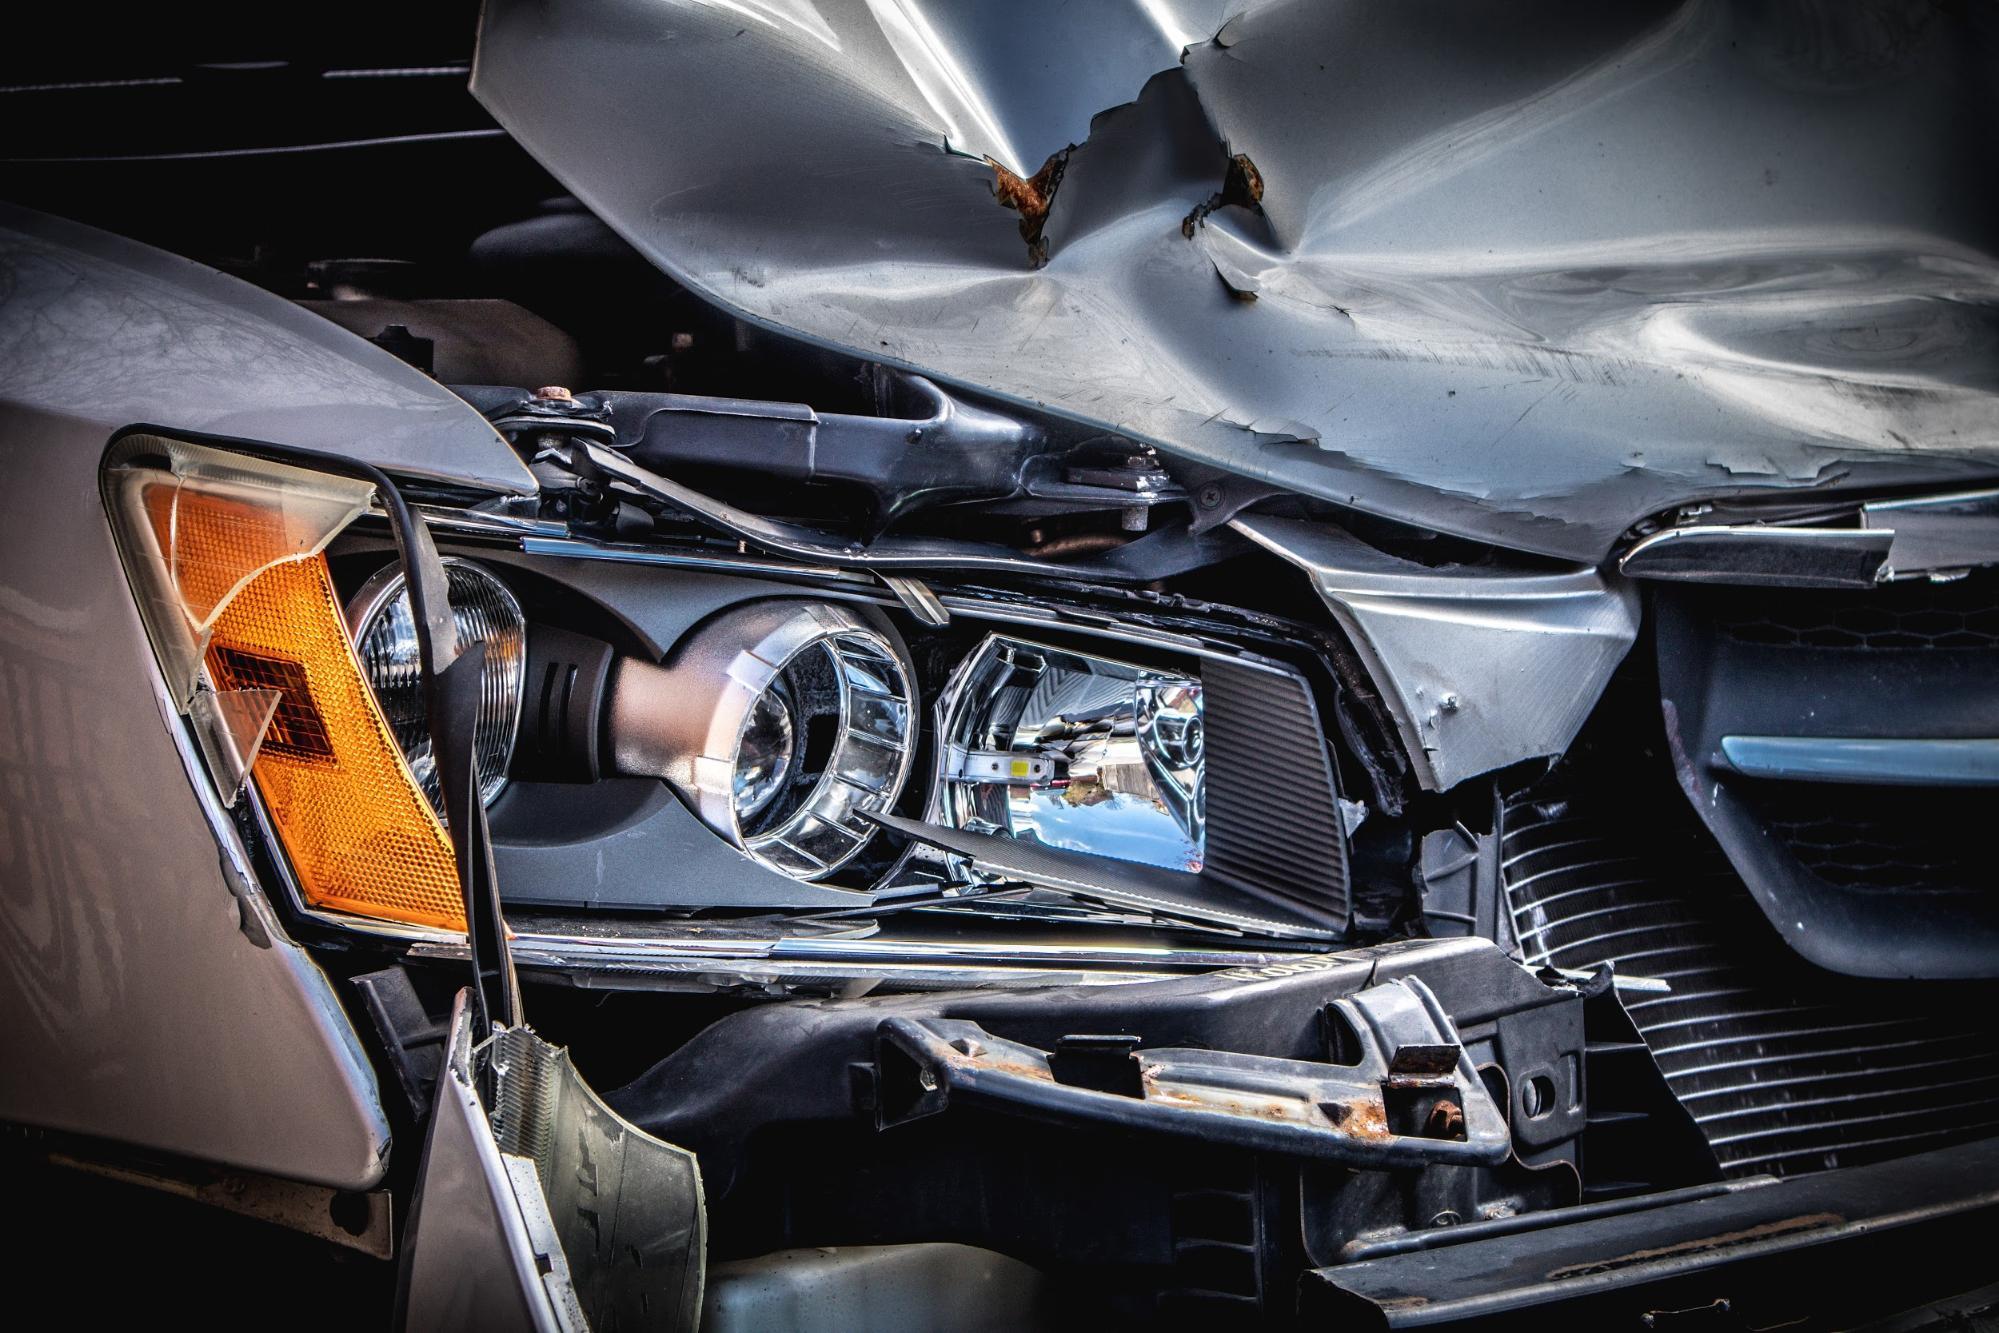 a wrecked car